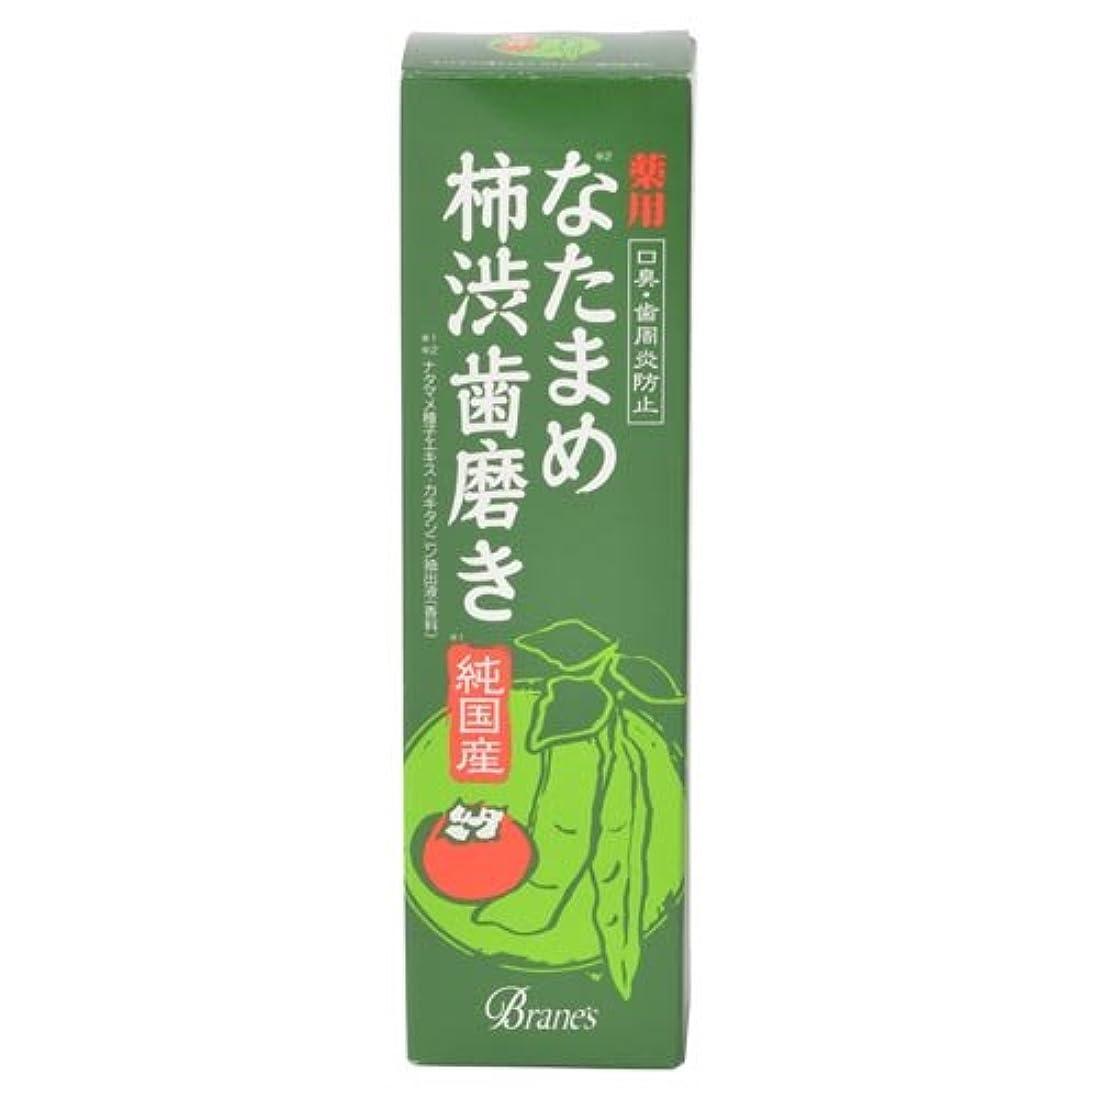 三お気に入りガレージ薬用なたまめ柿渋歯磨き 120g